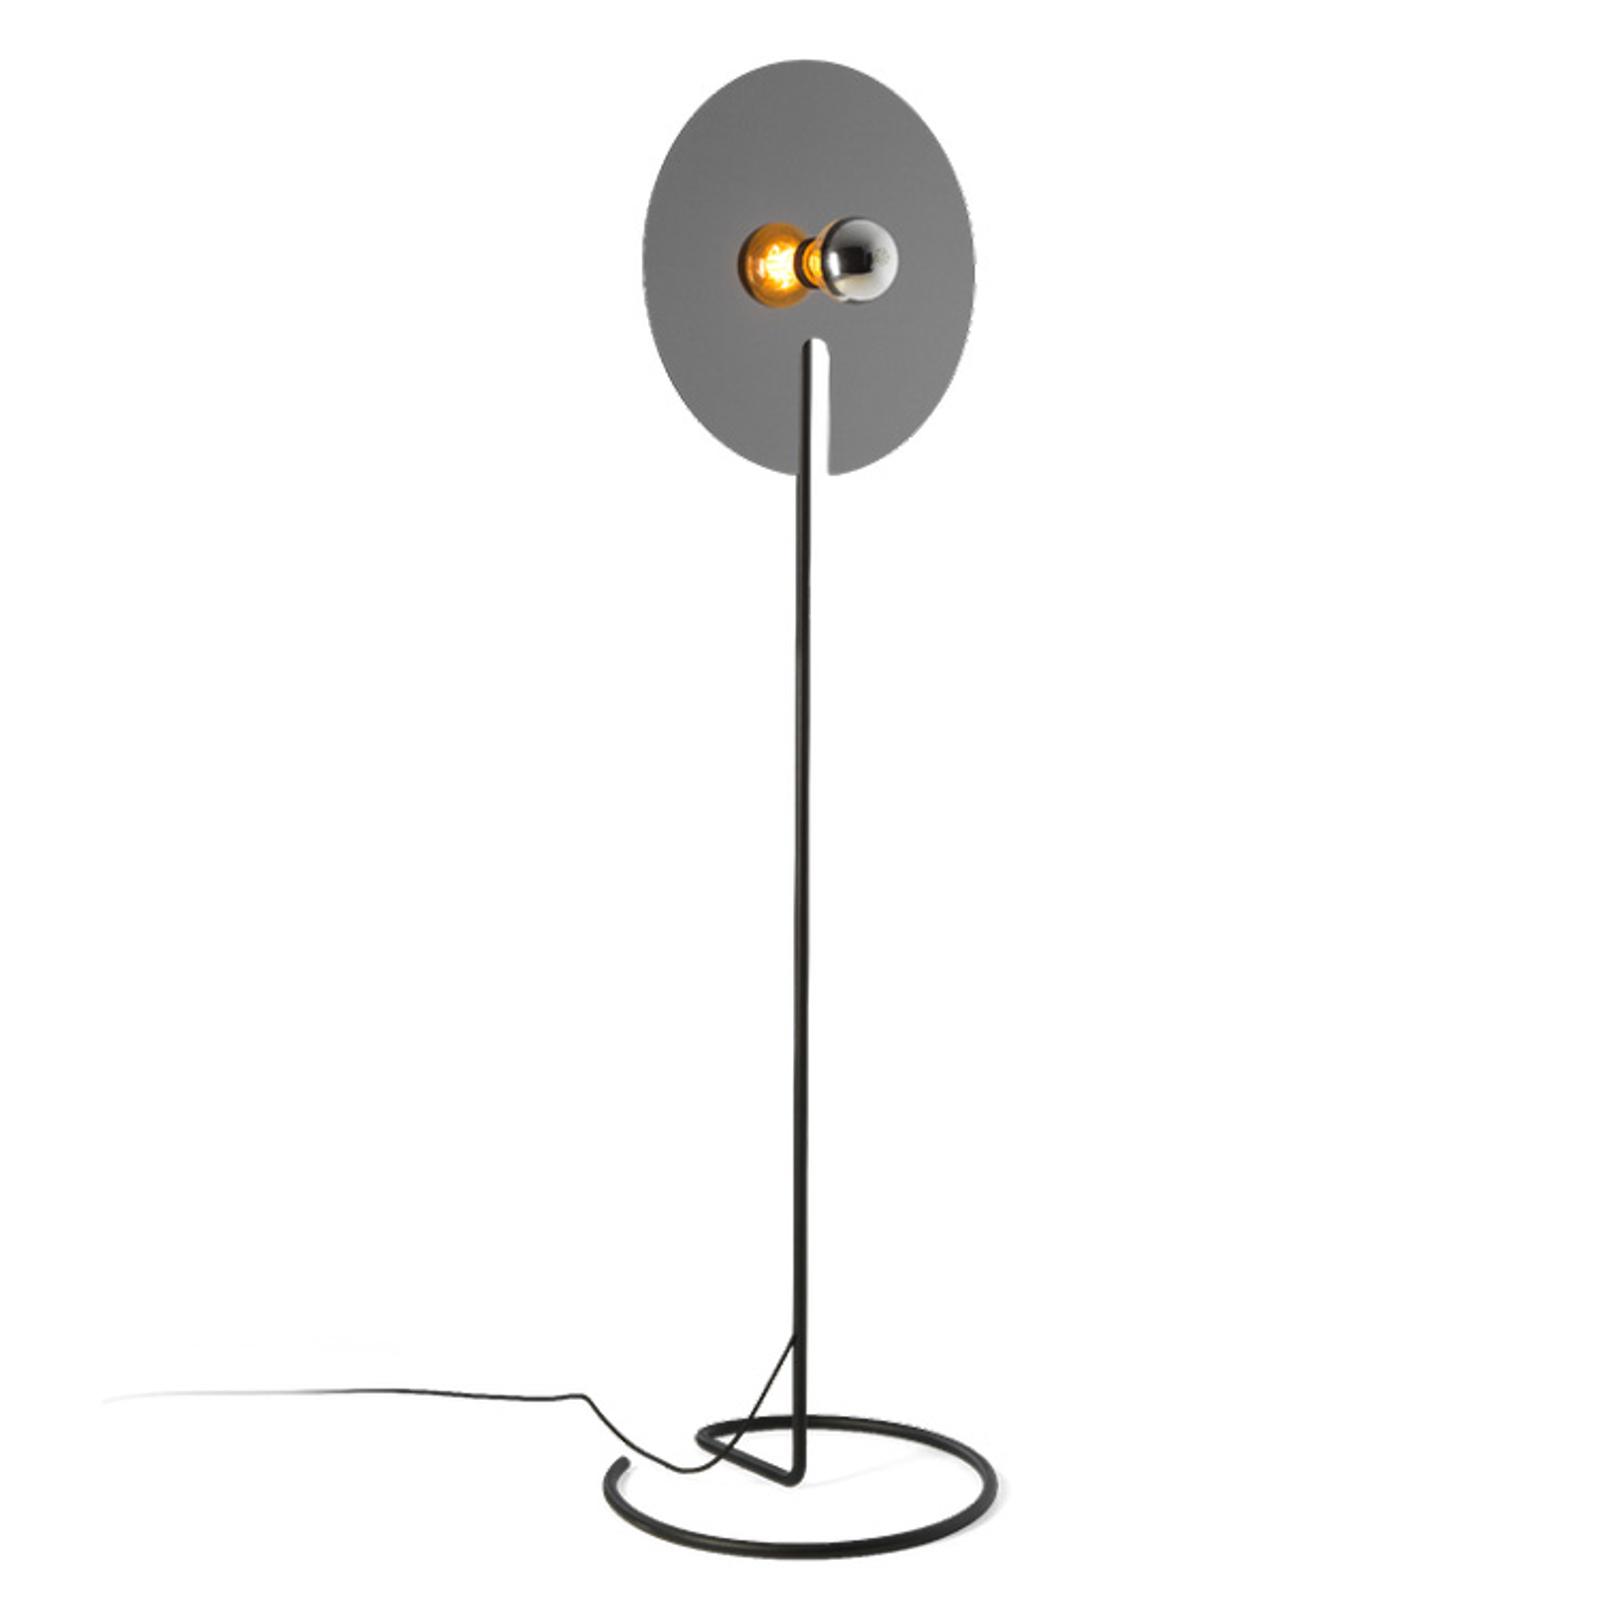 WEVER & DUCRÉ Mirro gulvlampe 2.0 svart/krom